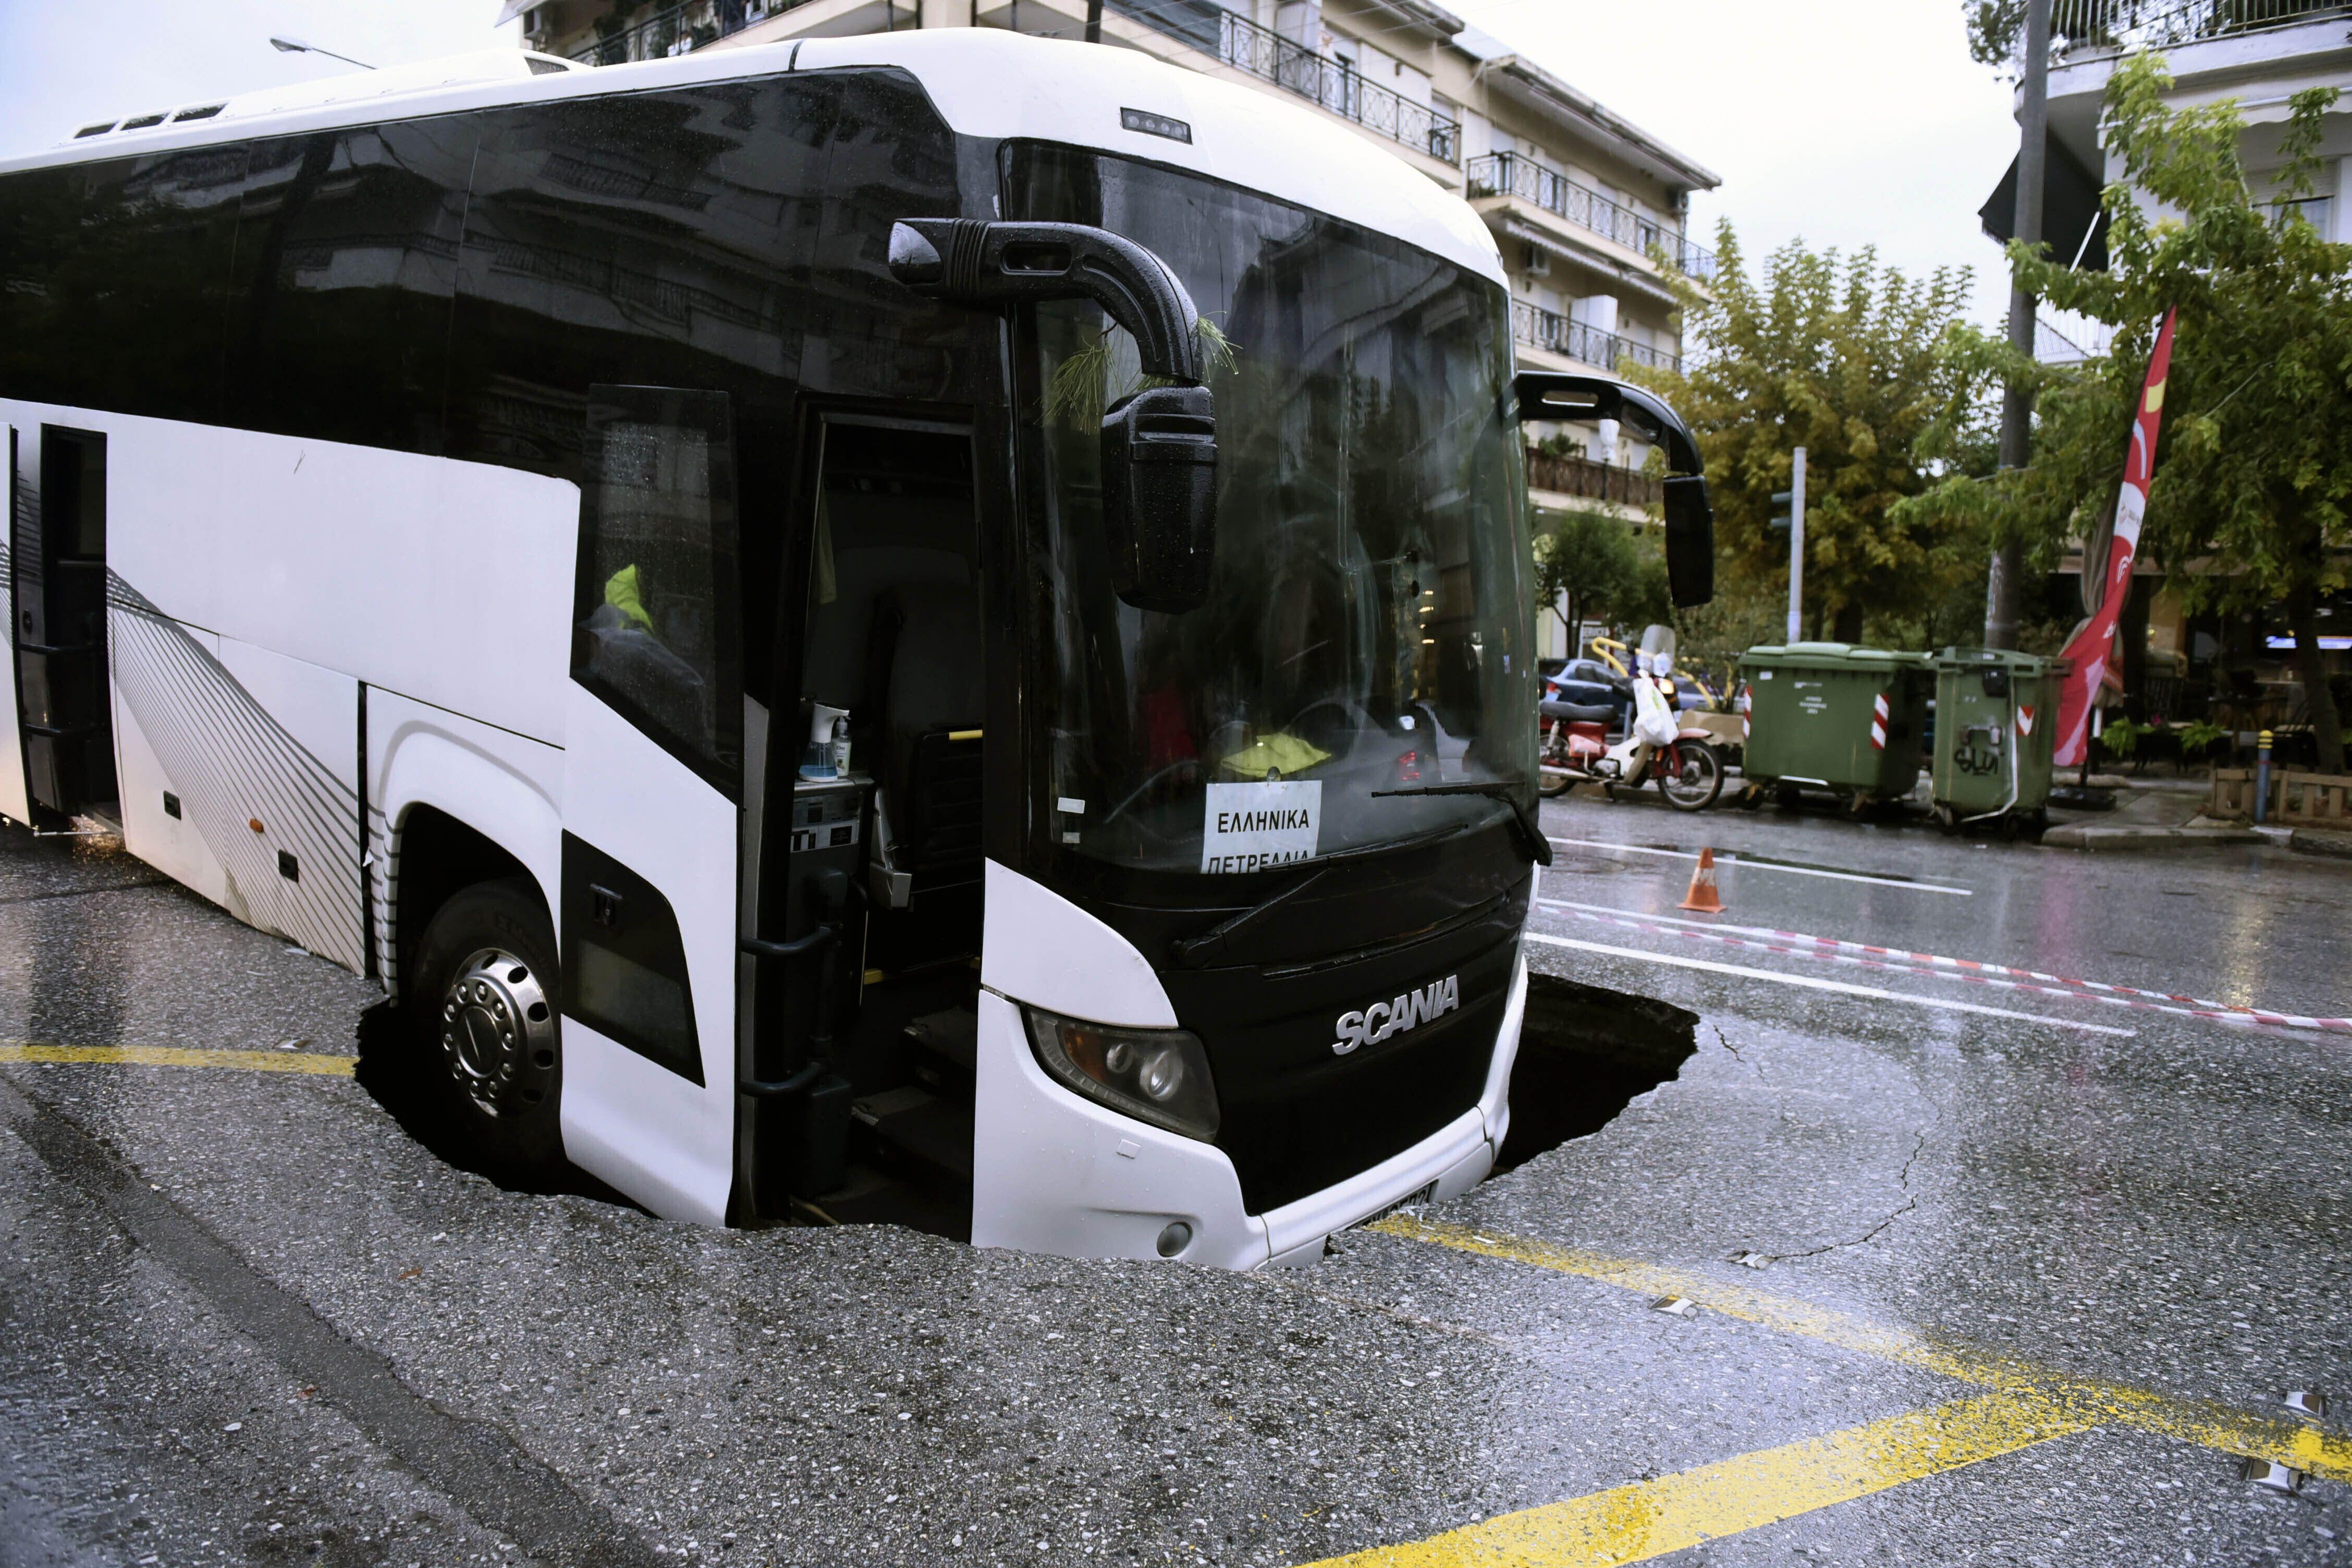 autobus cae en socavon en grecia mientras azota tormenta